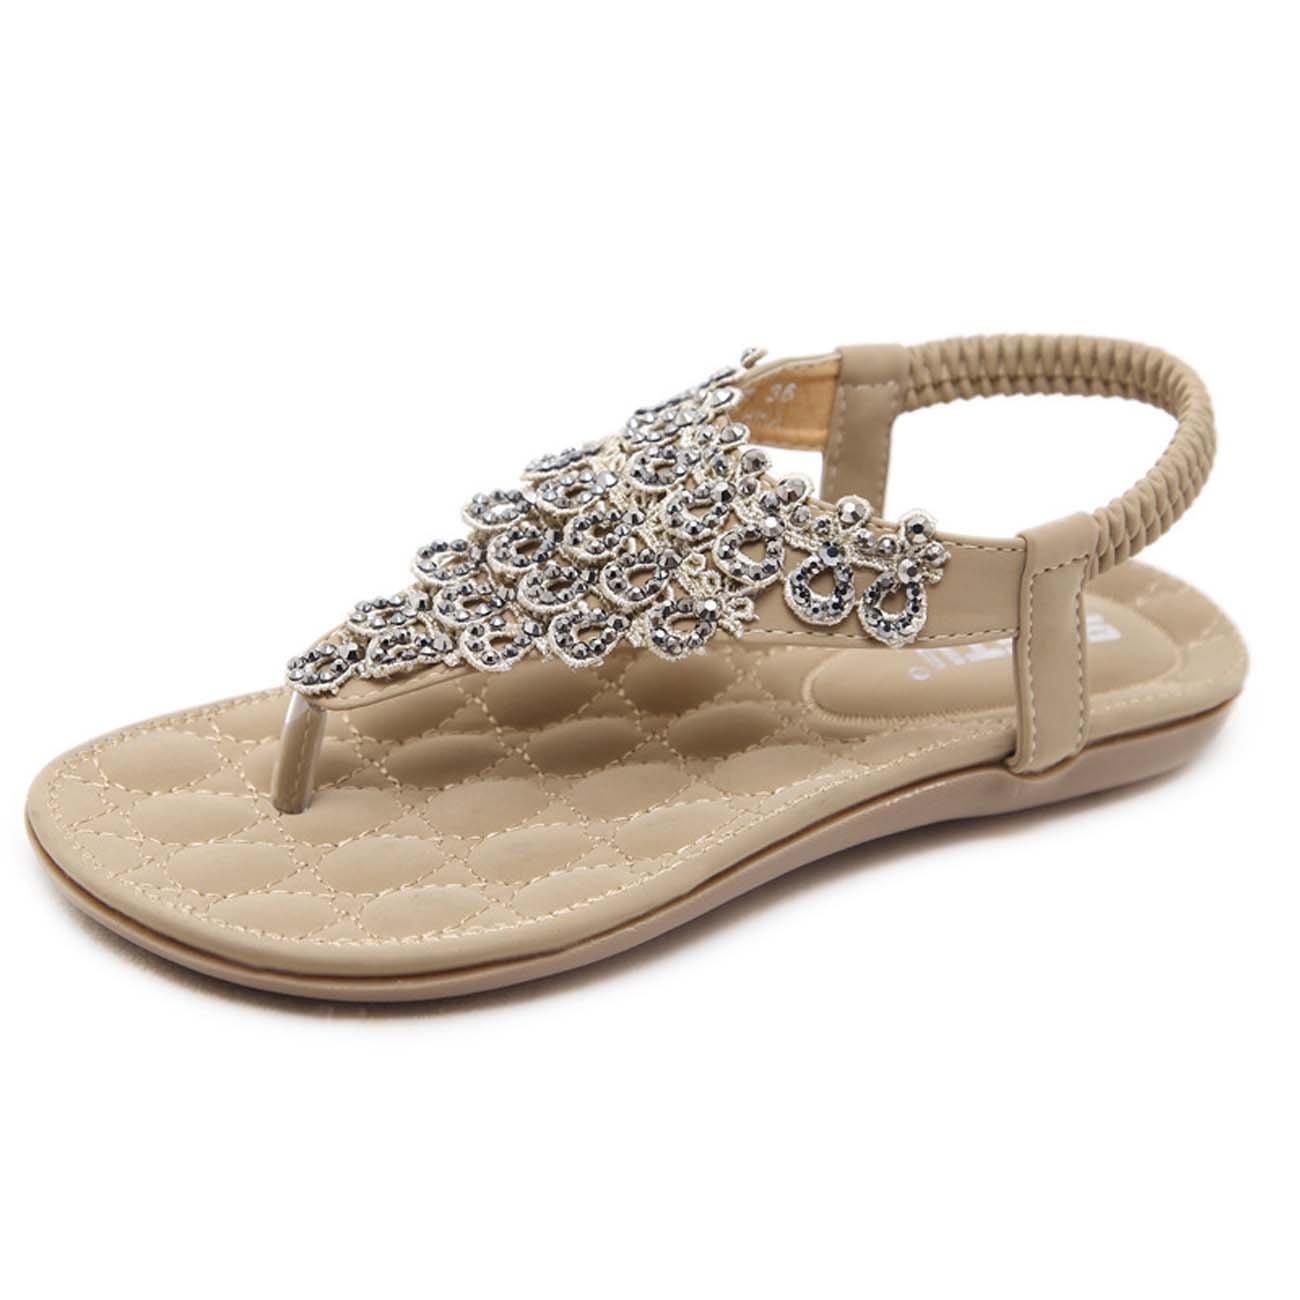 Código Grande Sandalias Zapatos De Playa Zapatos Planos,#2,42 42|#2